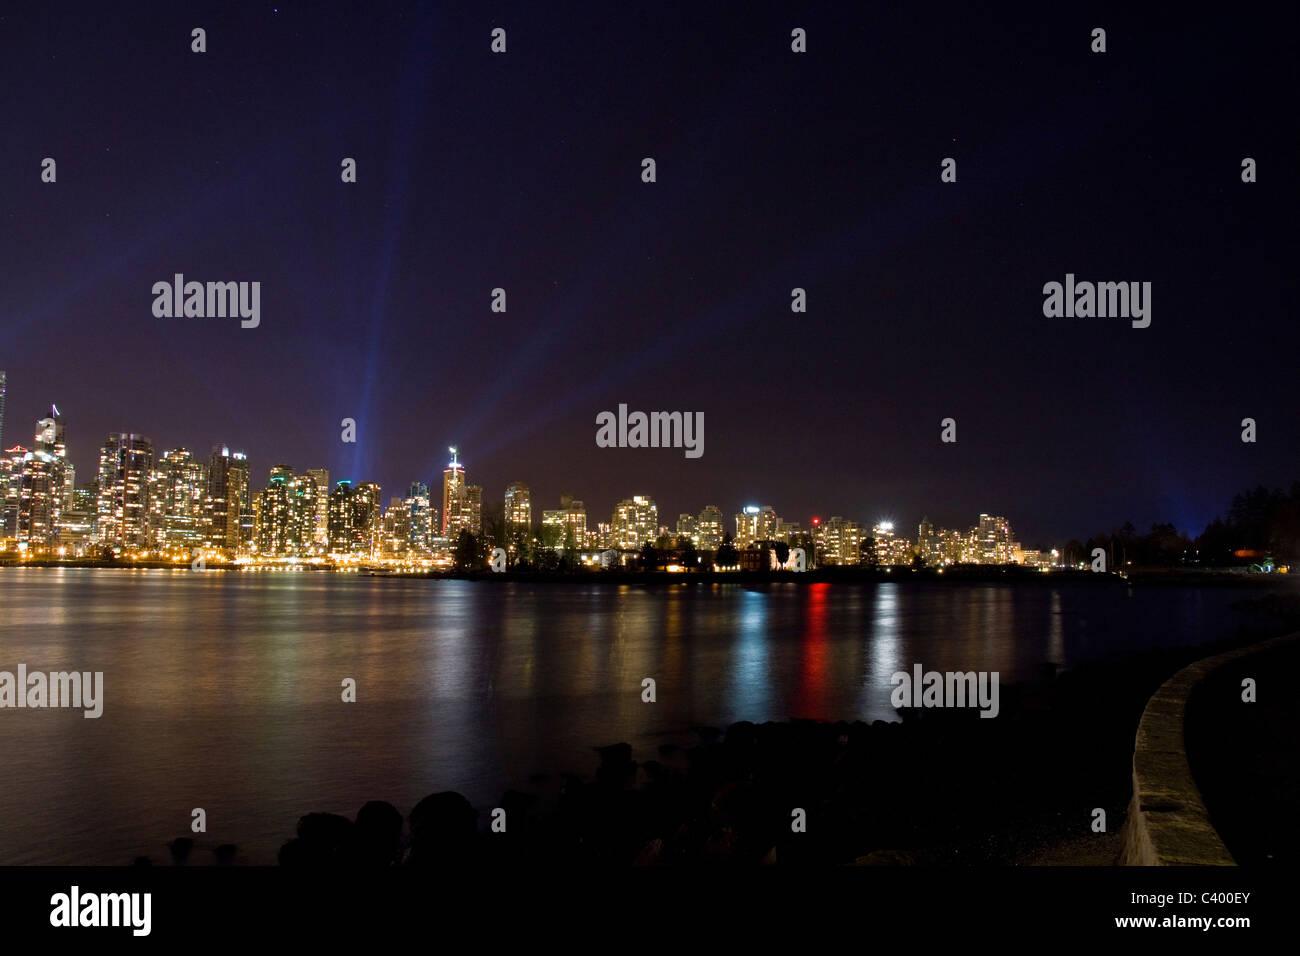 Pleins feux derrière Vancouver west end pendant les Jeux Olympiques d'hiver de 2010, Vancouver, Canada. Stanley Park Seawall à droite. Banque D'Images